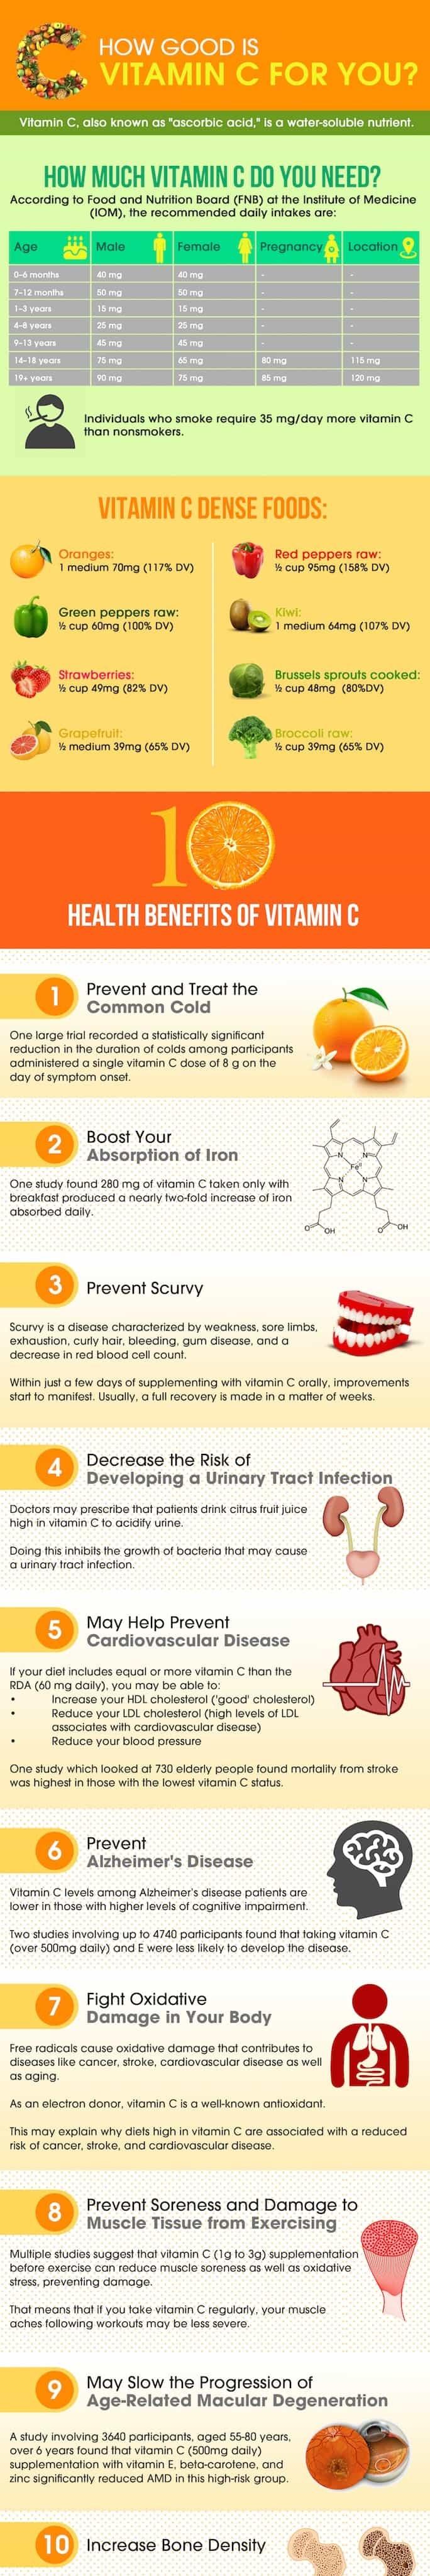 vitamin-c-health-benefits